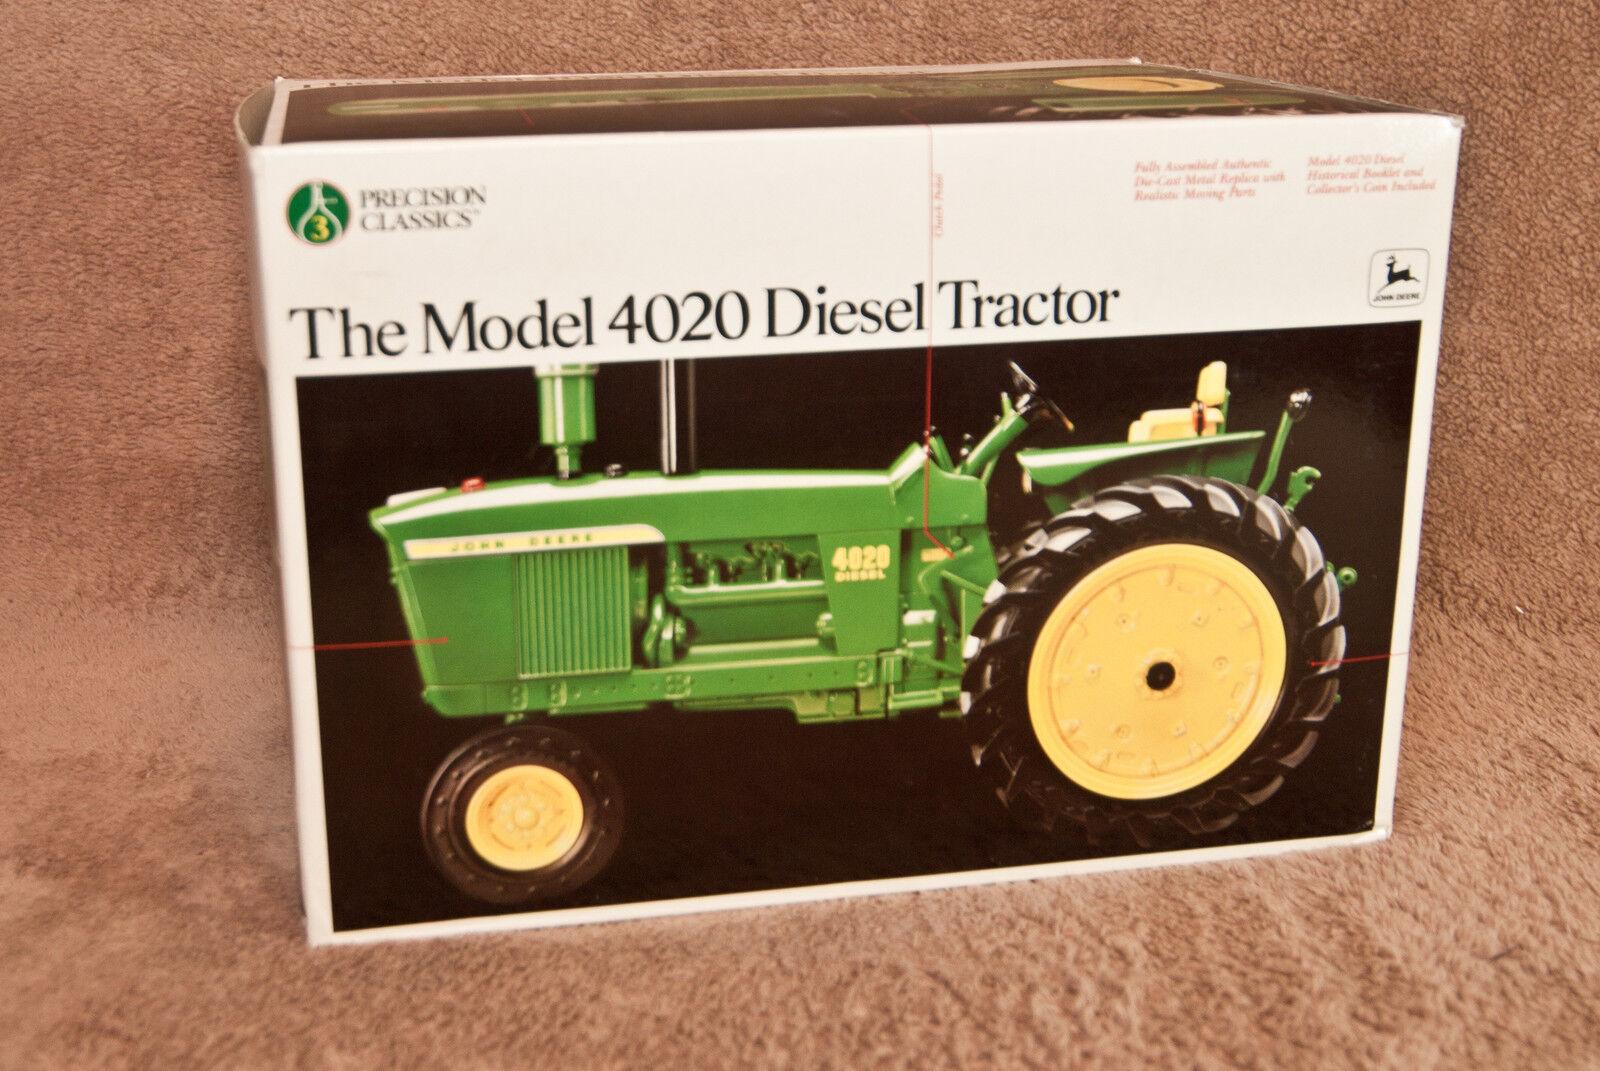 New John Deere Precision Classics Model Model Model 4020 Diesel Tractor Ertl 5638 NIB 415b0a